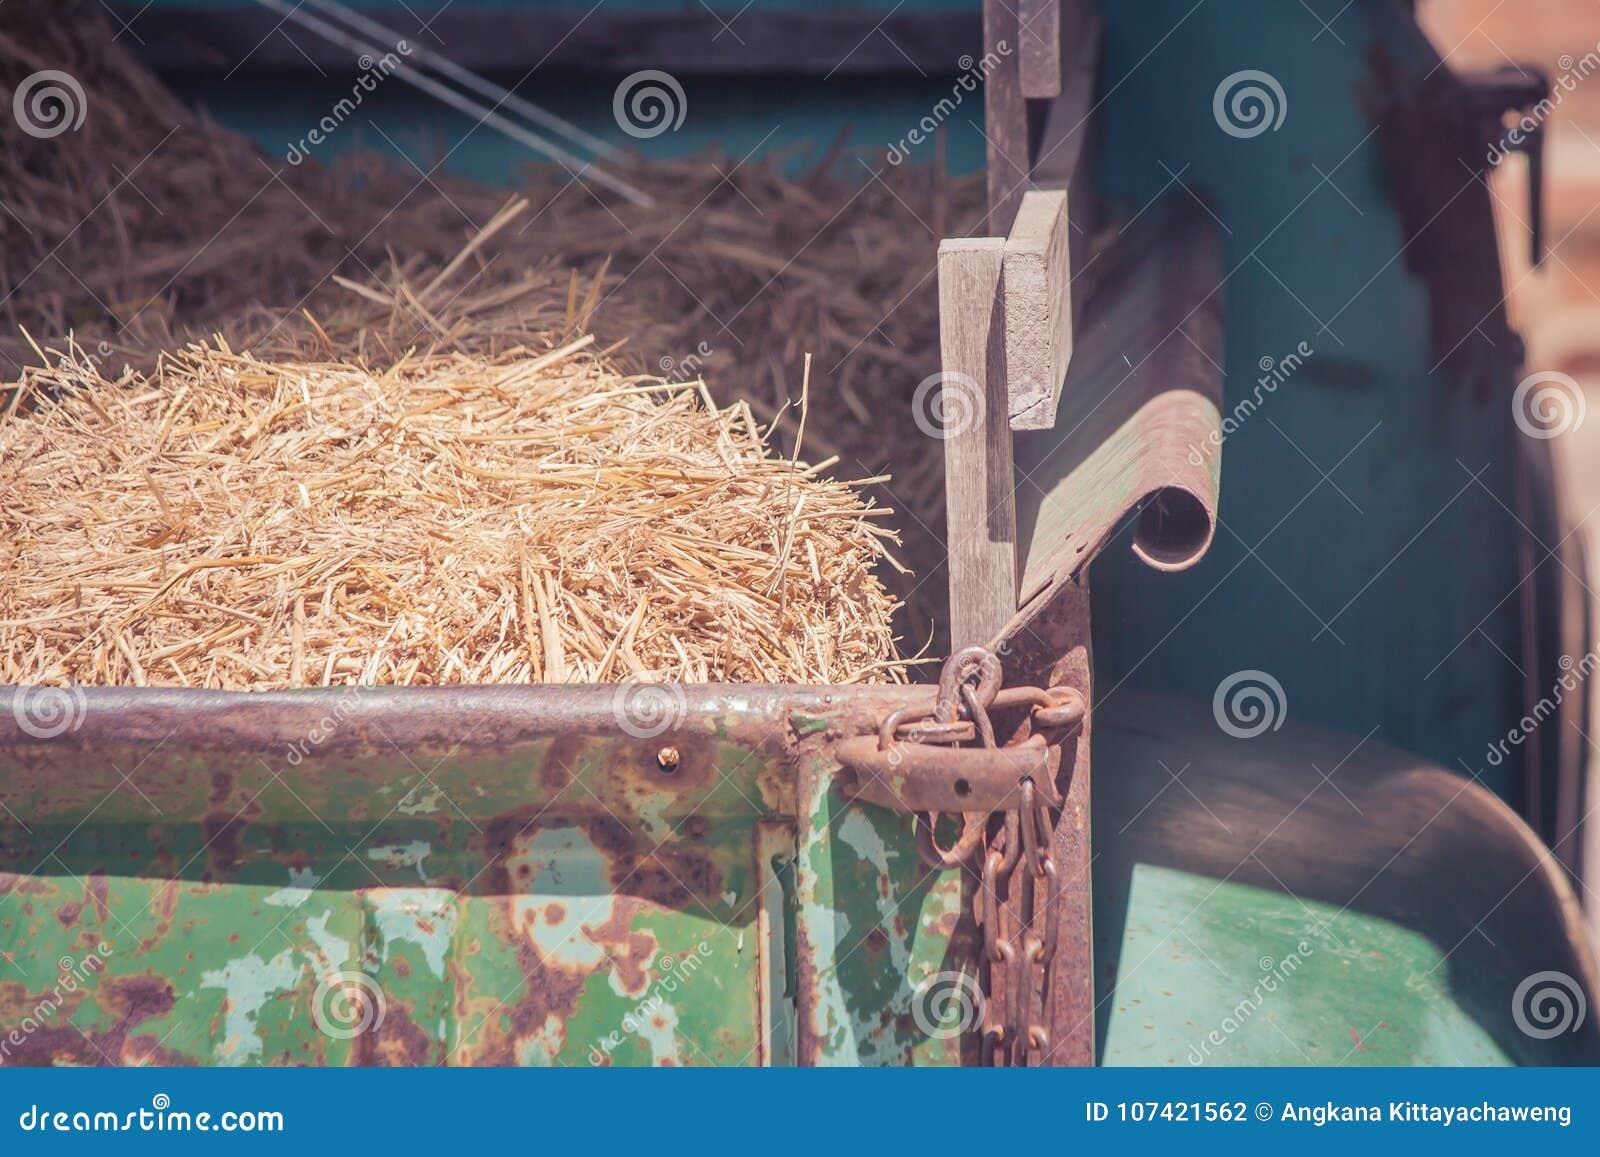 Stapel van droog stro op vrachtwagen met zonlicht bij platteland in uitstekende stijl